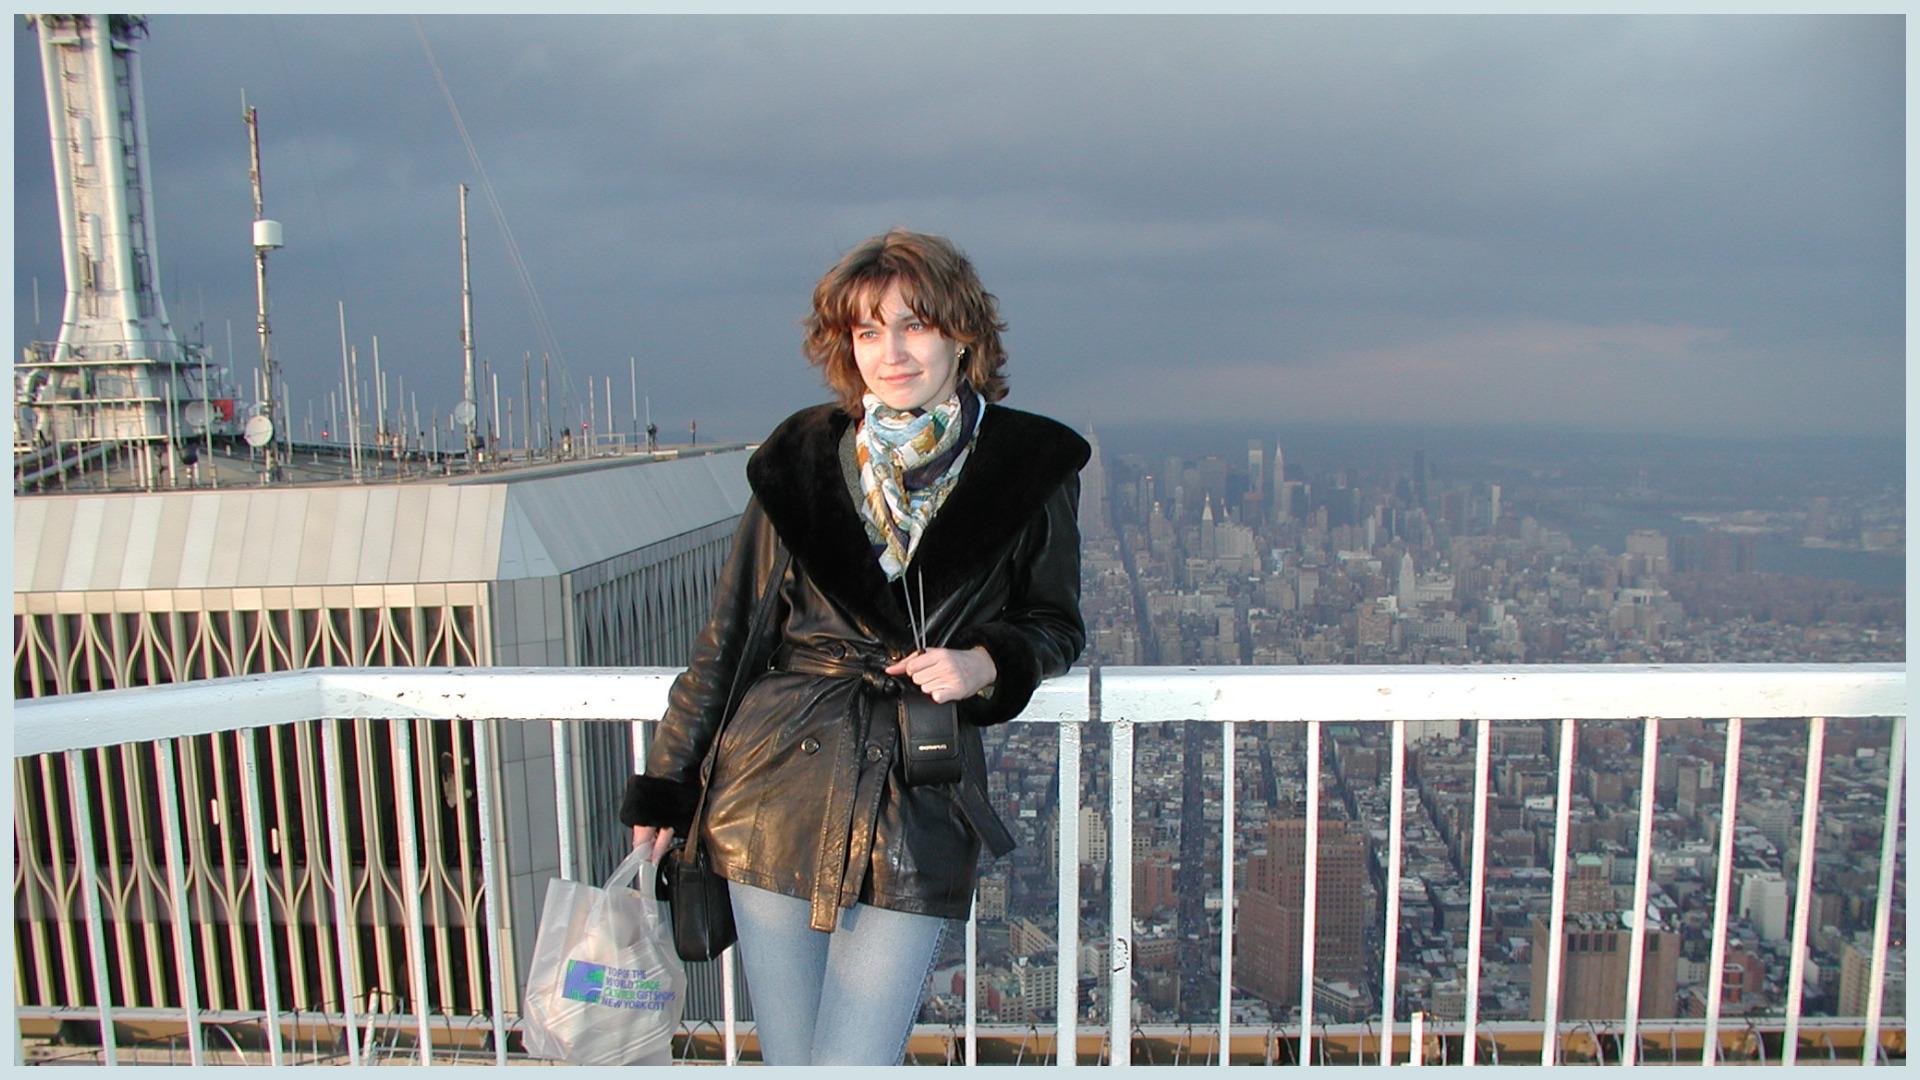 World Trade Center, смотровая площадка одной из башен, март 2001 года, Нью-Йорк. Фото Екатерина Широкова